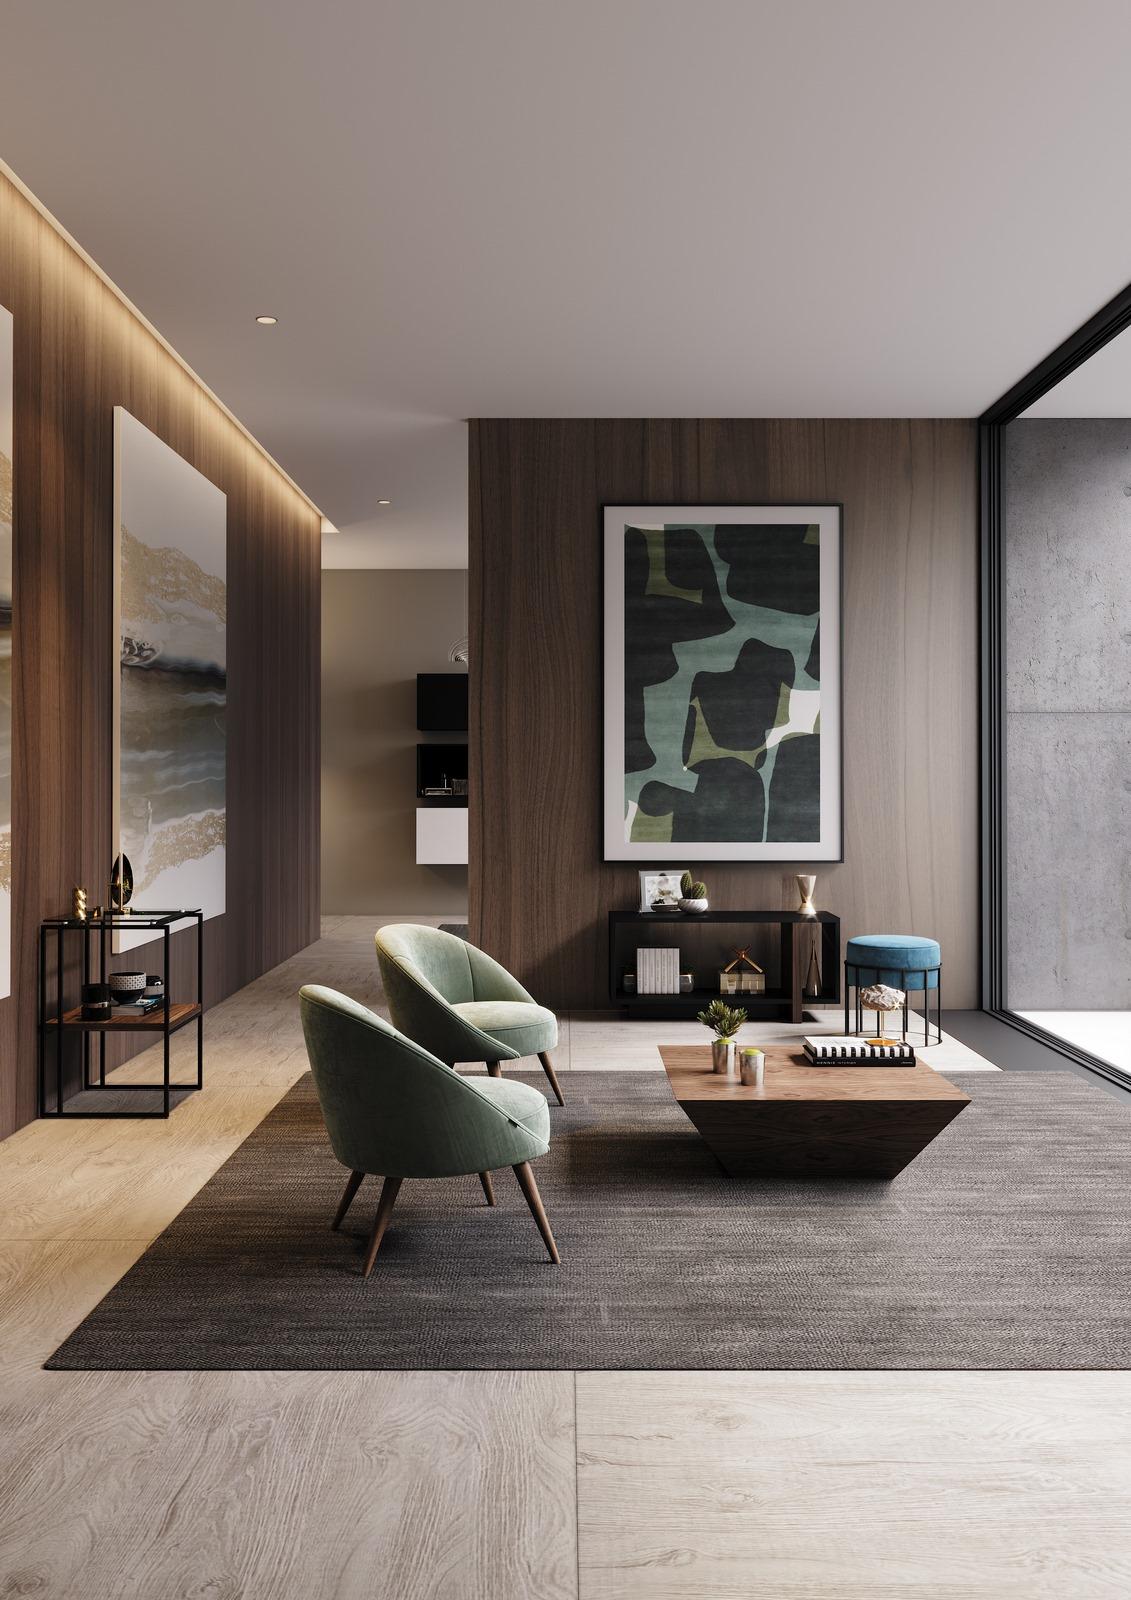 sala-estar-cadeirao-estofo-verde-nogueira-mesa-centro-movel-apoio-lacado-preto